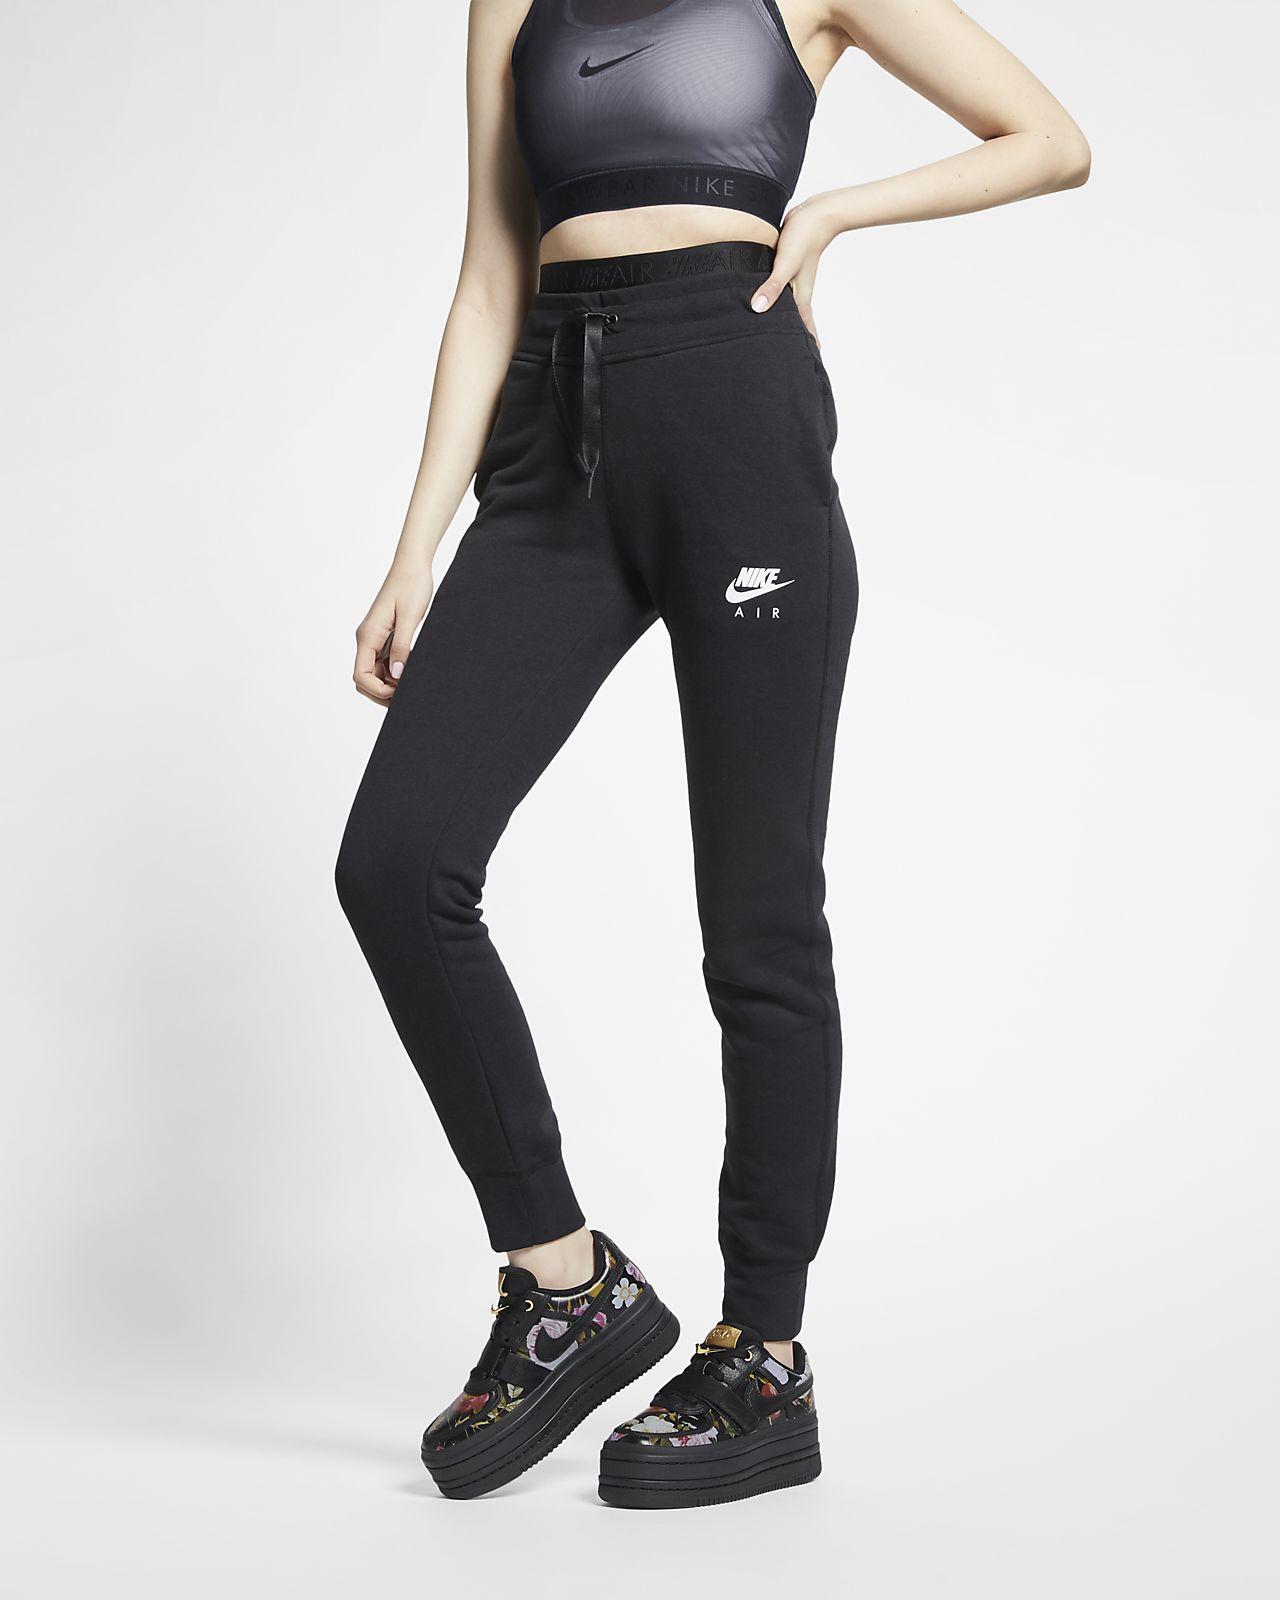 Nike Air fleecebukse til dame